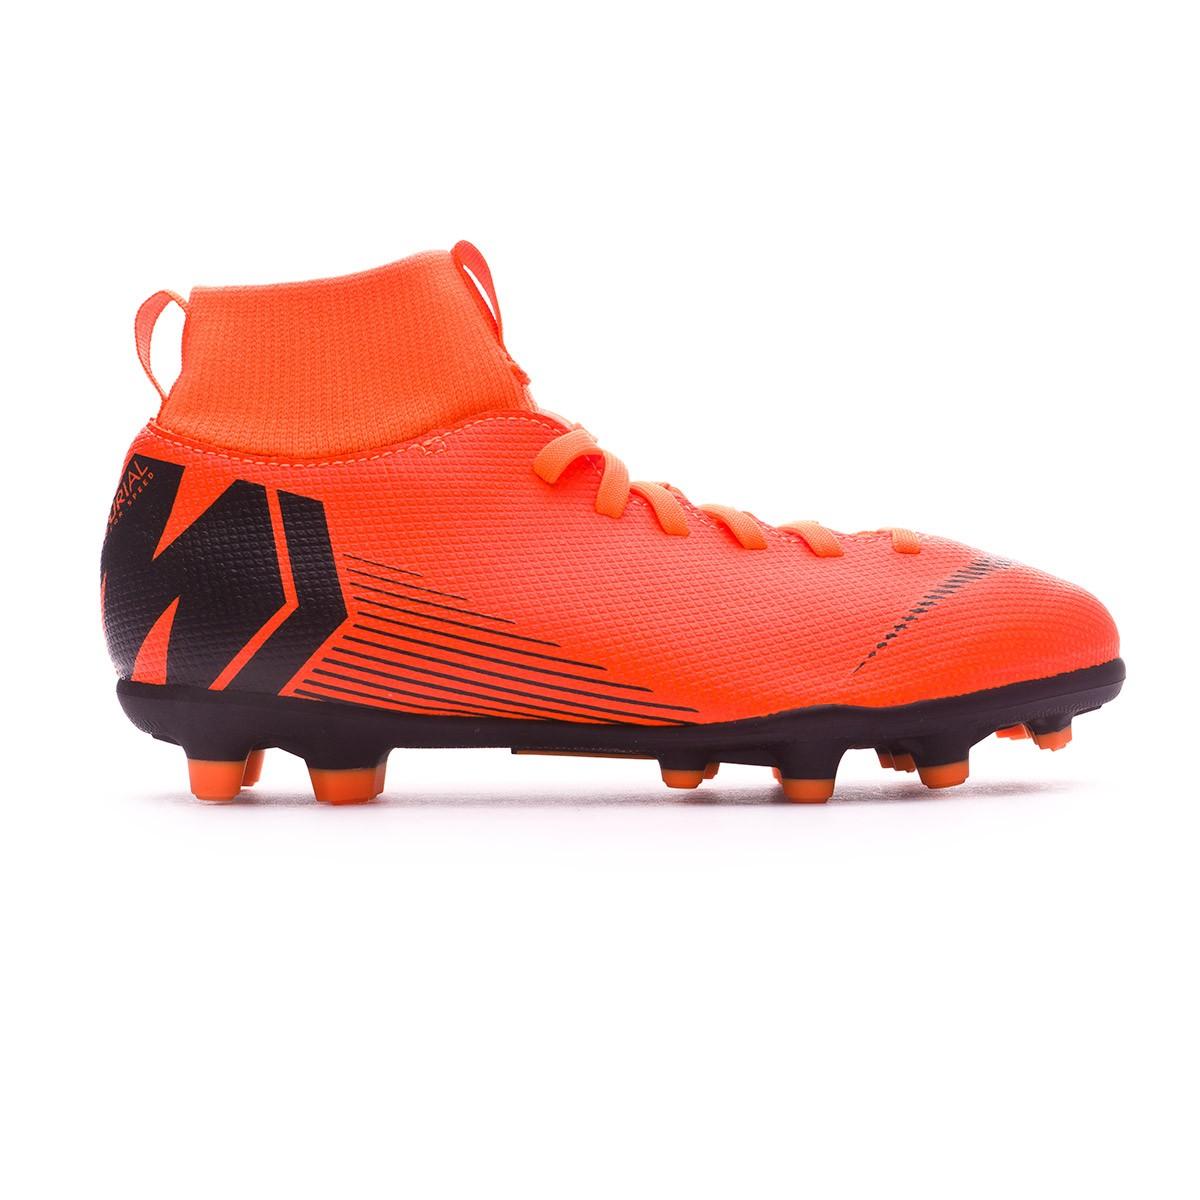 786703a9a42e0 Zapatos de fútbol Nike Mercurial Superfly VI Club MG Niño Total  orange-Black-Volt - Tienda de fútbol Fútbol Emotion